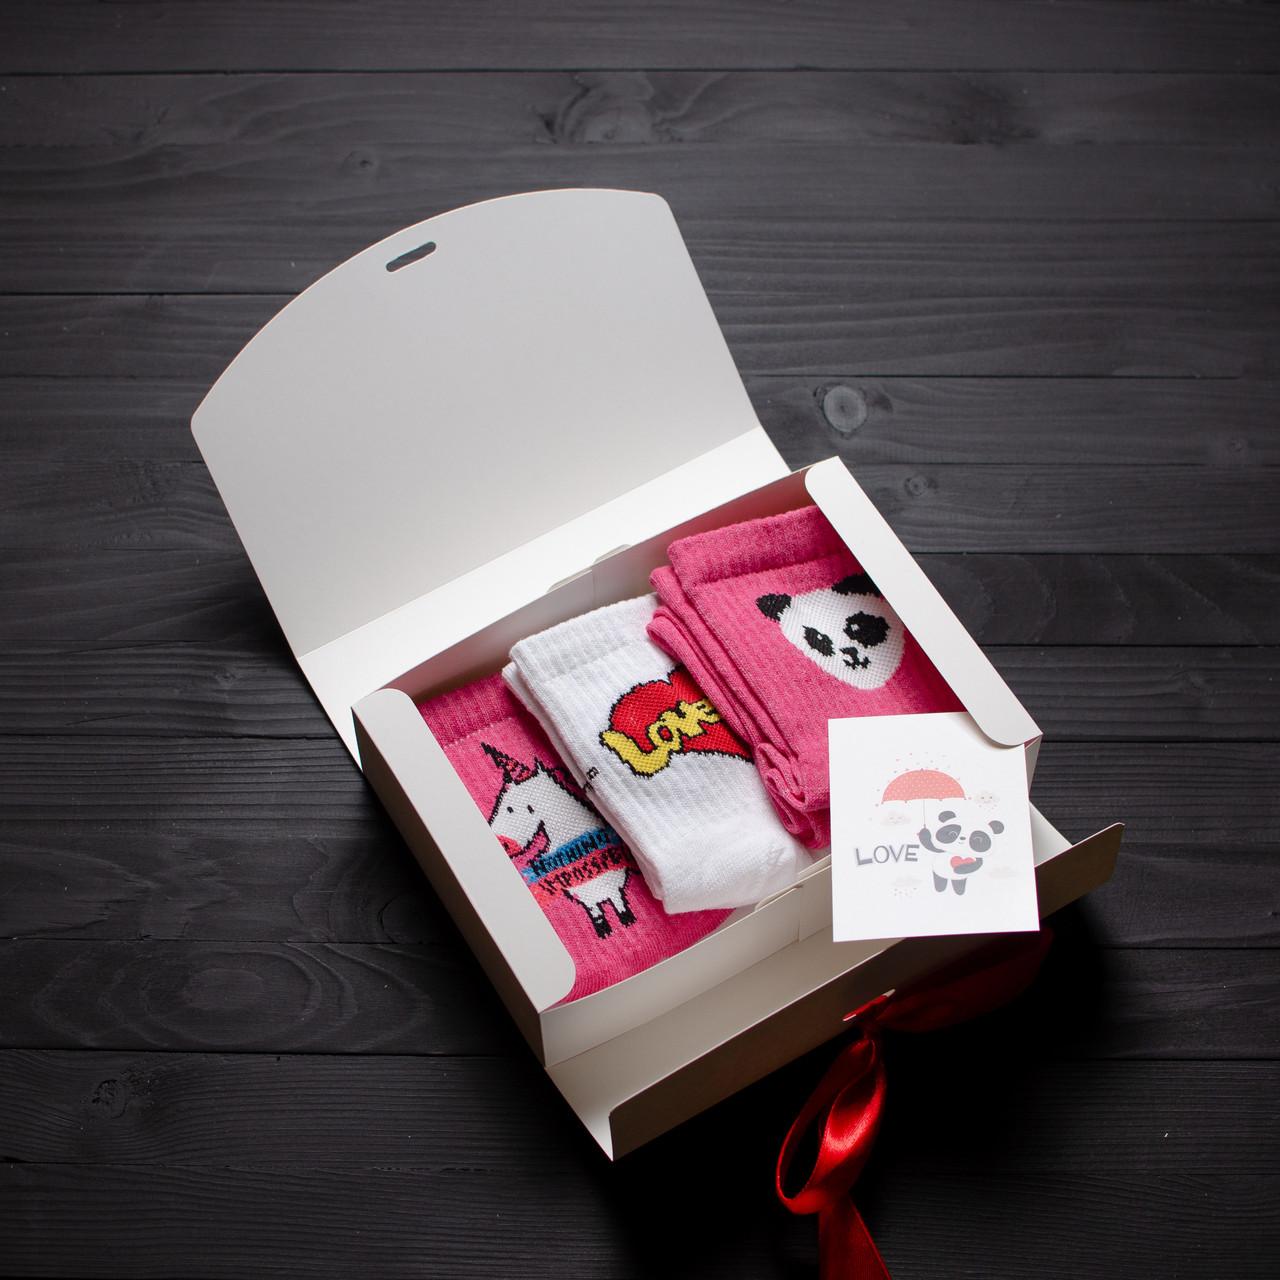 Подарунковий жіночий набір шкарпетки 3 шт. Love is, рожевий Єдиноріг, Панда рожевий